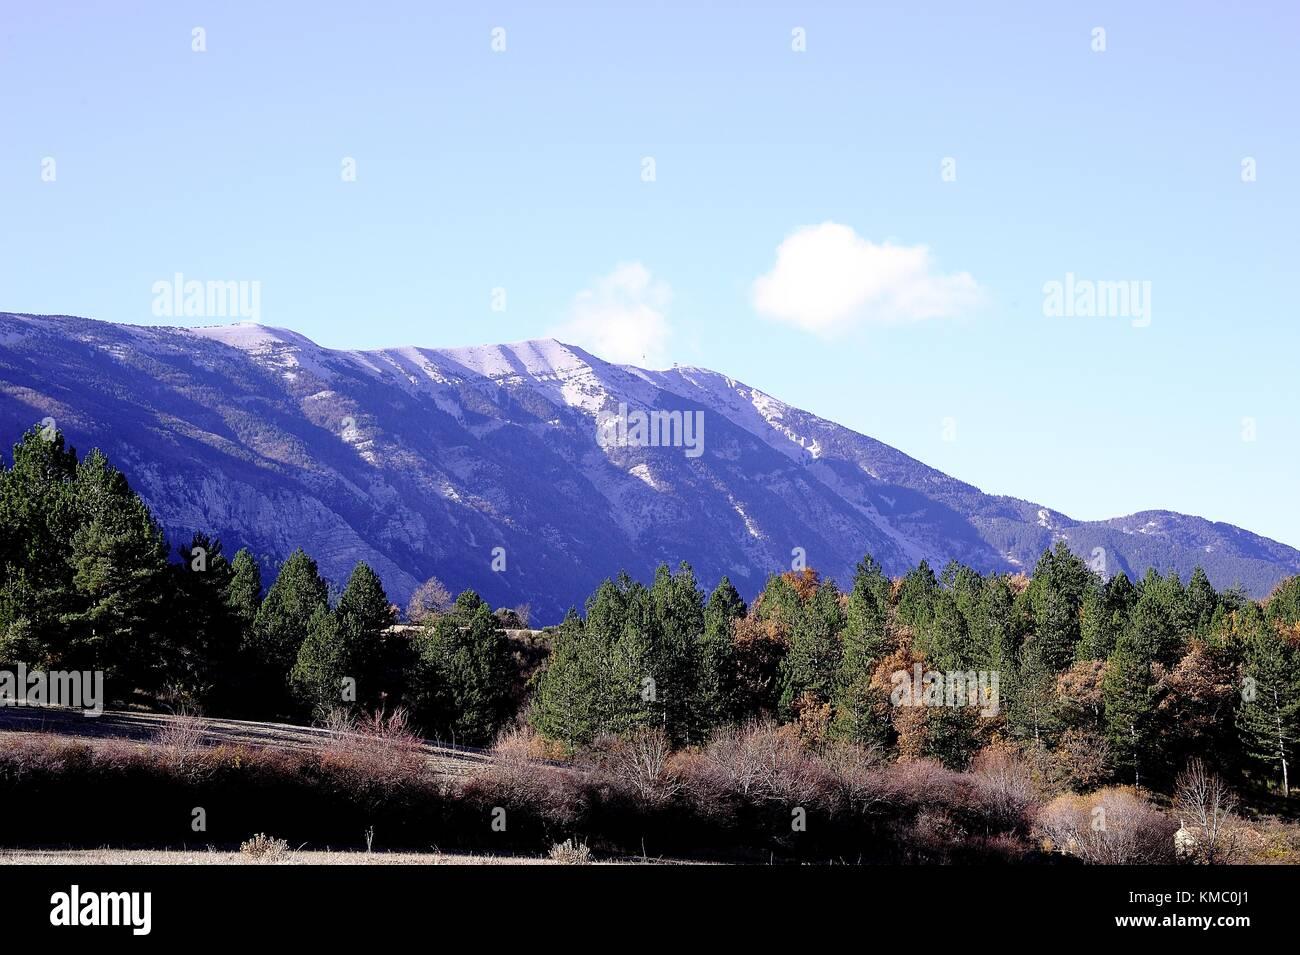 Paysage de Montagne - Stock Image